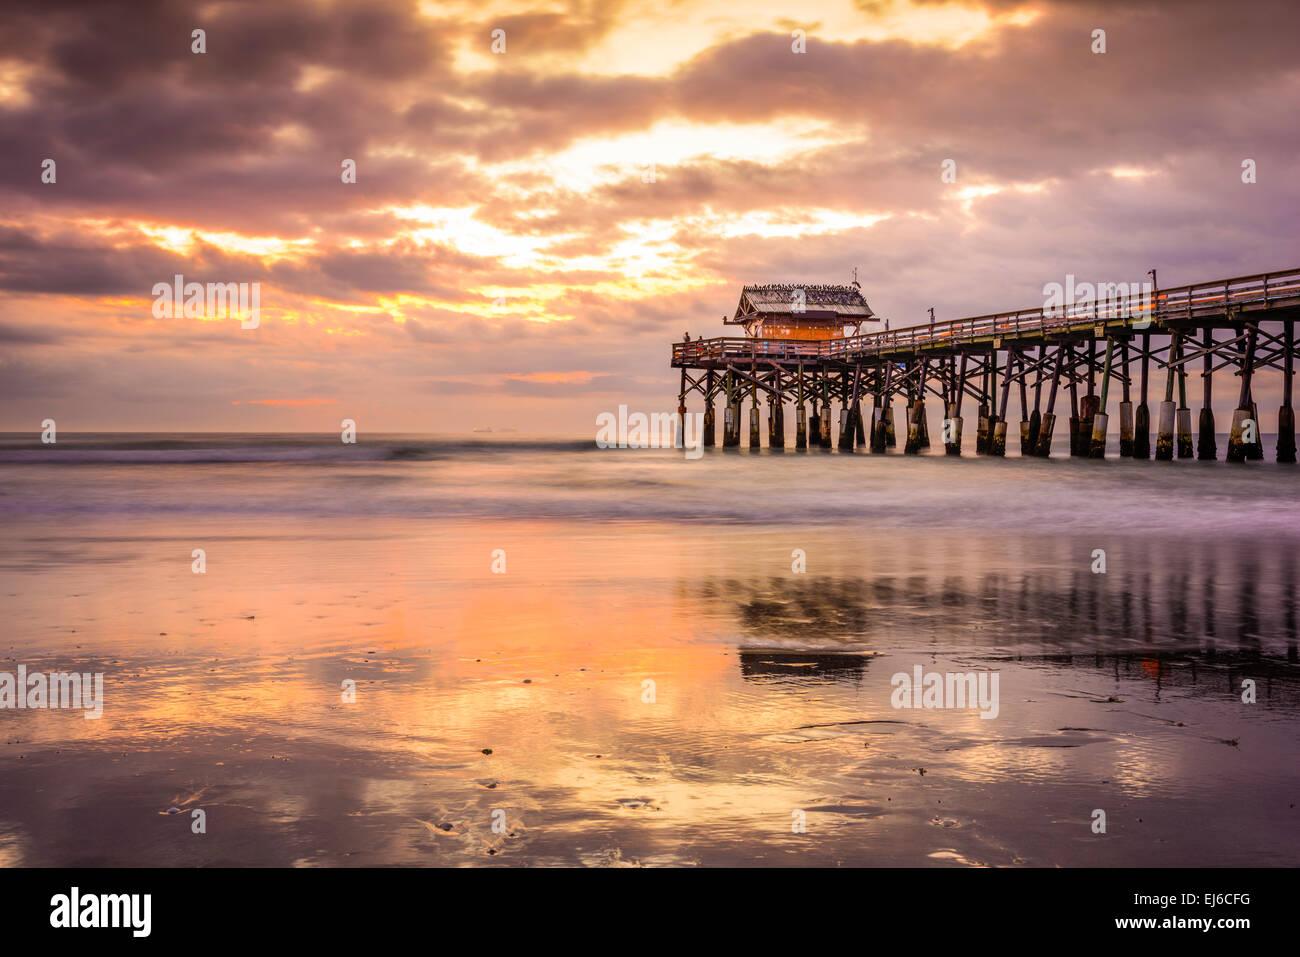 Cocoa Beach, Floride, USA Beach et de la jetée au lever du soleil. Photo Stock